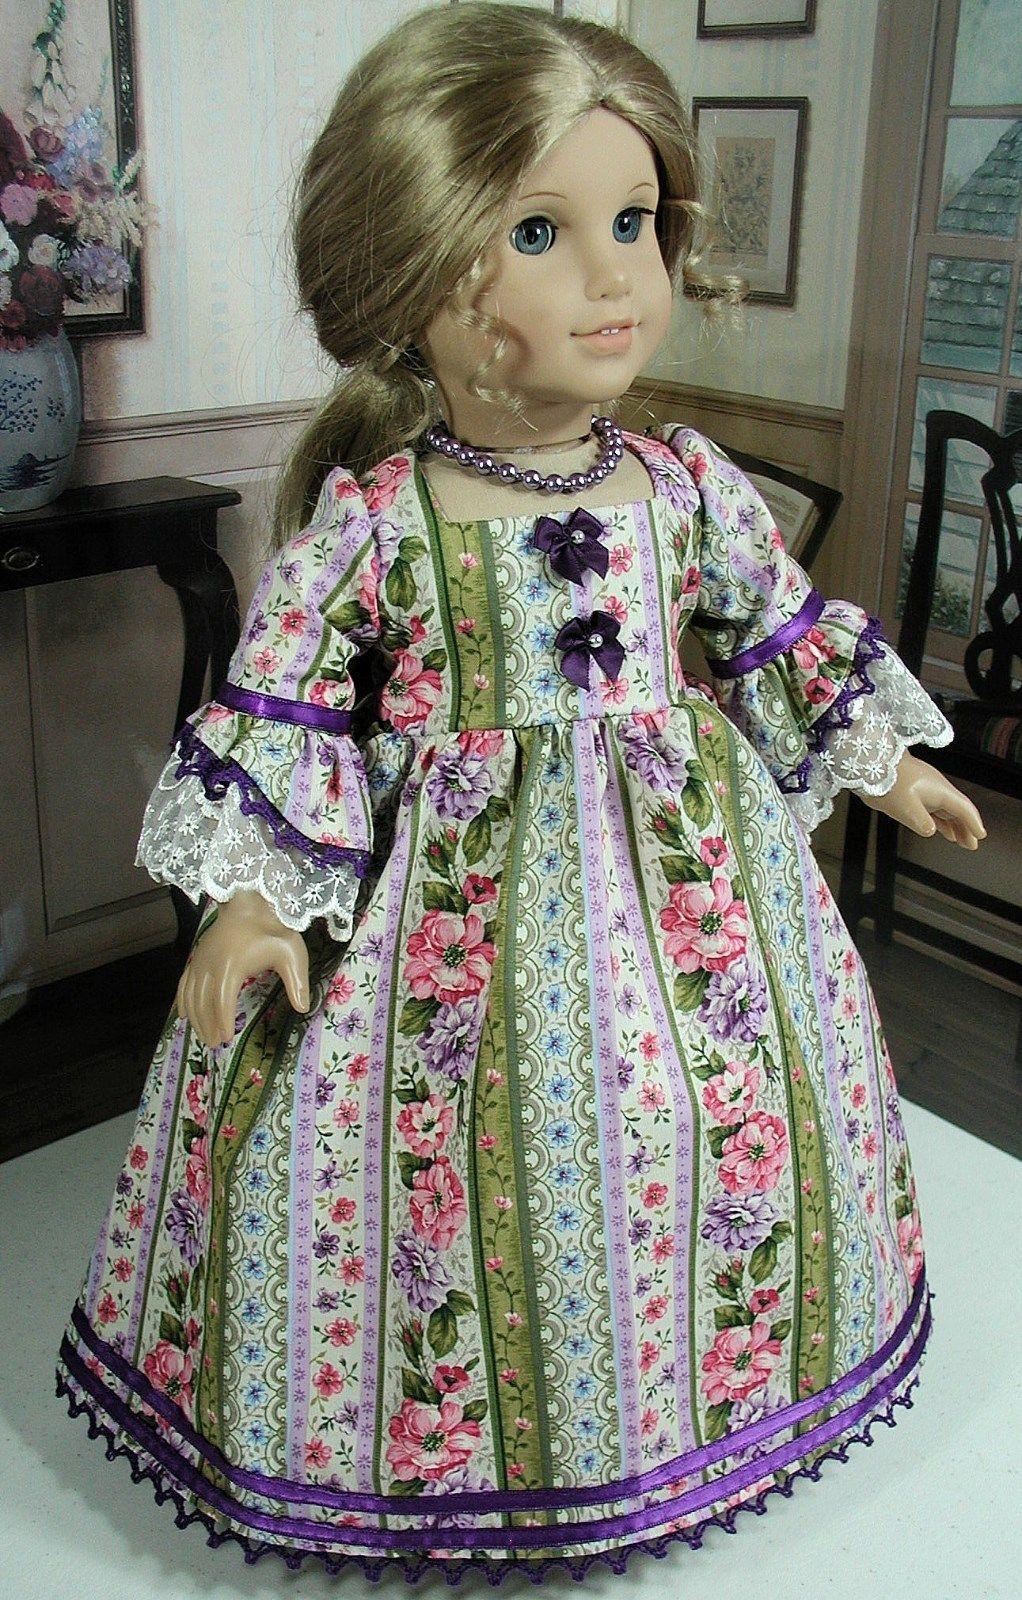 http://i.ebayimg.com/t/Purple-Ivory-Dress-fits-18-inch-doll-American-Girl-such-as-Felicity-Elizabeth-/00/s/MTYwMFgxMDIy/z/eCYAAOxykYtSJTqr/$(KGrHqF,!oMFILv7NBkCBSJTqqz0ZQ~~60_57.JPG